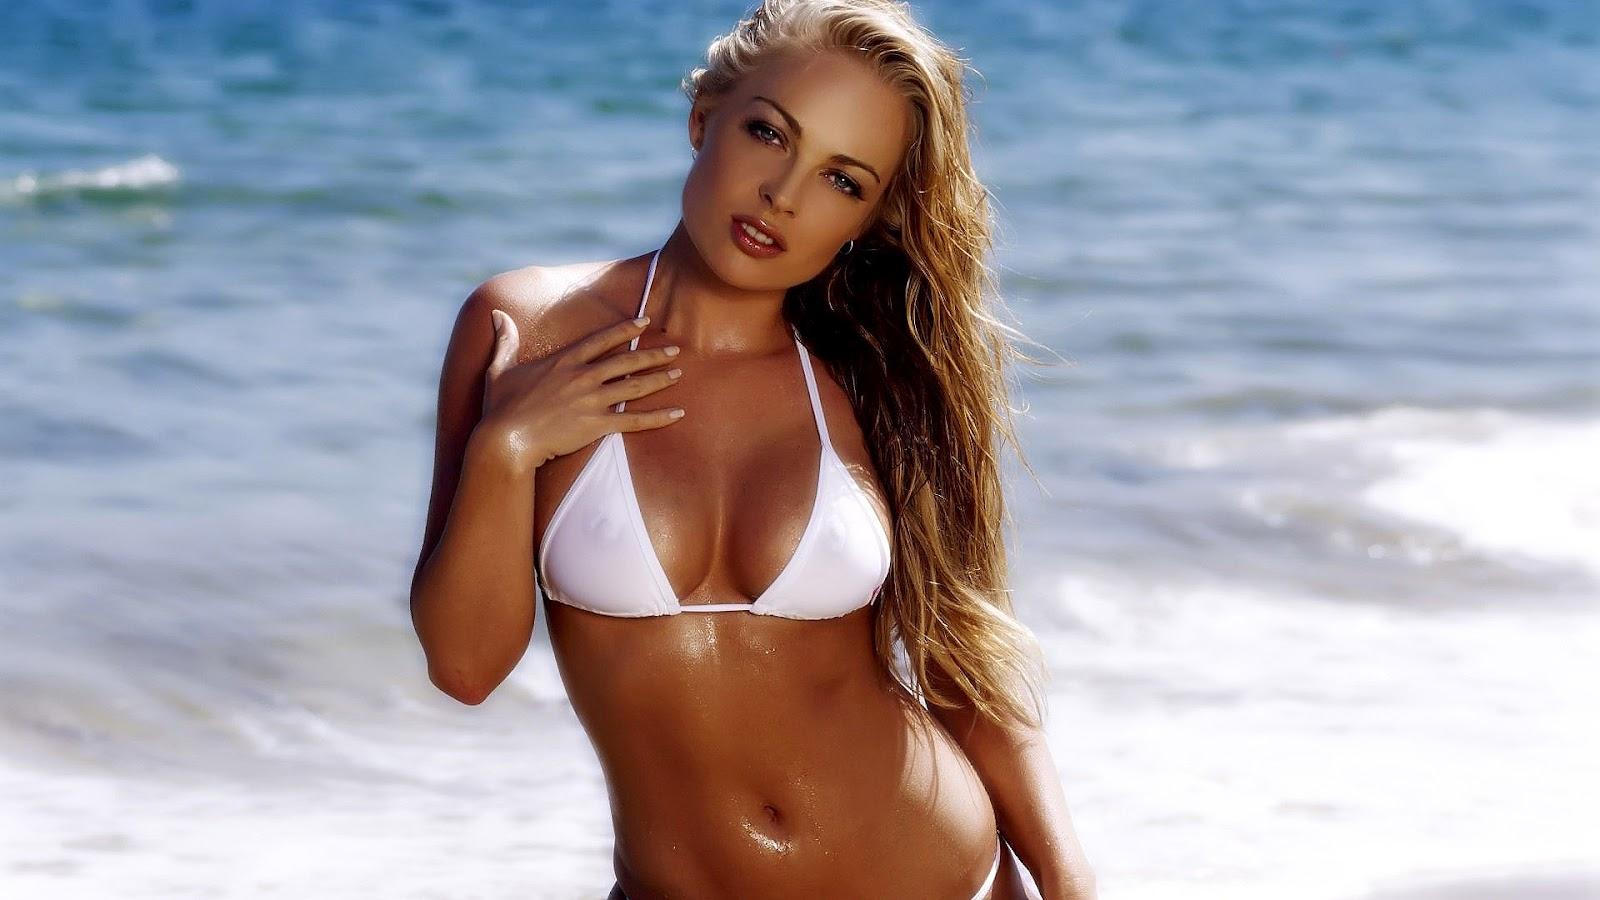 http://3.bp.blogspot.com/-GJzJt7F9_GE/UClpVtzPn6I/AAAAAAAAEw8/2Tc56x-Z1v4/s1600/hd-bikini-wallpaper-met-een-mooie-vrouw-in-witte-bikini-op-het-strand-achtergrond-foto.jpg